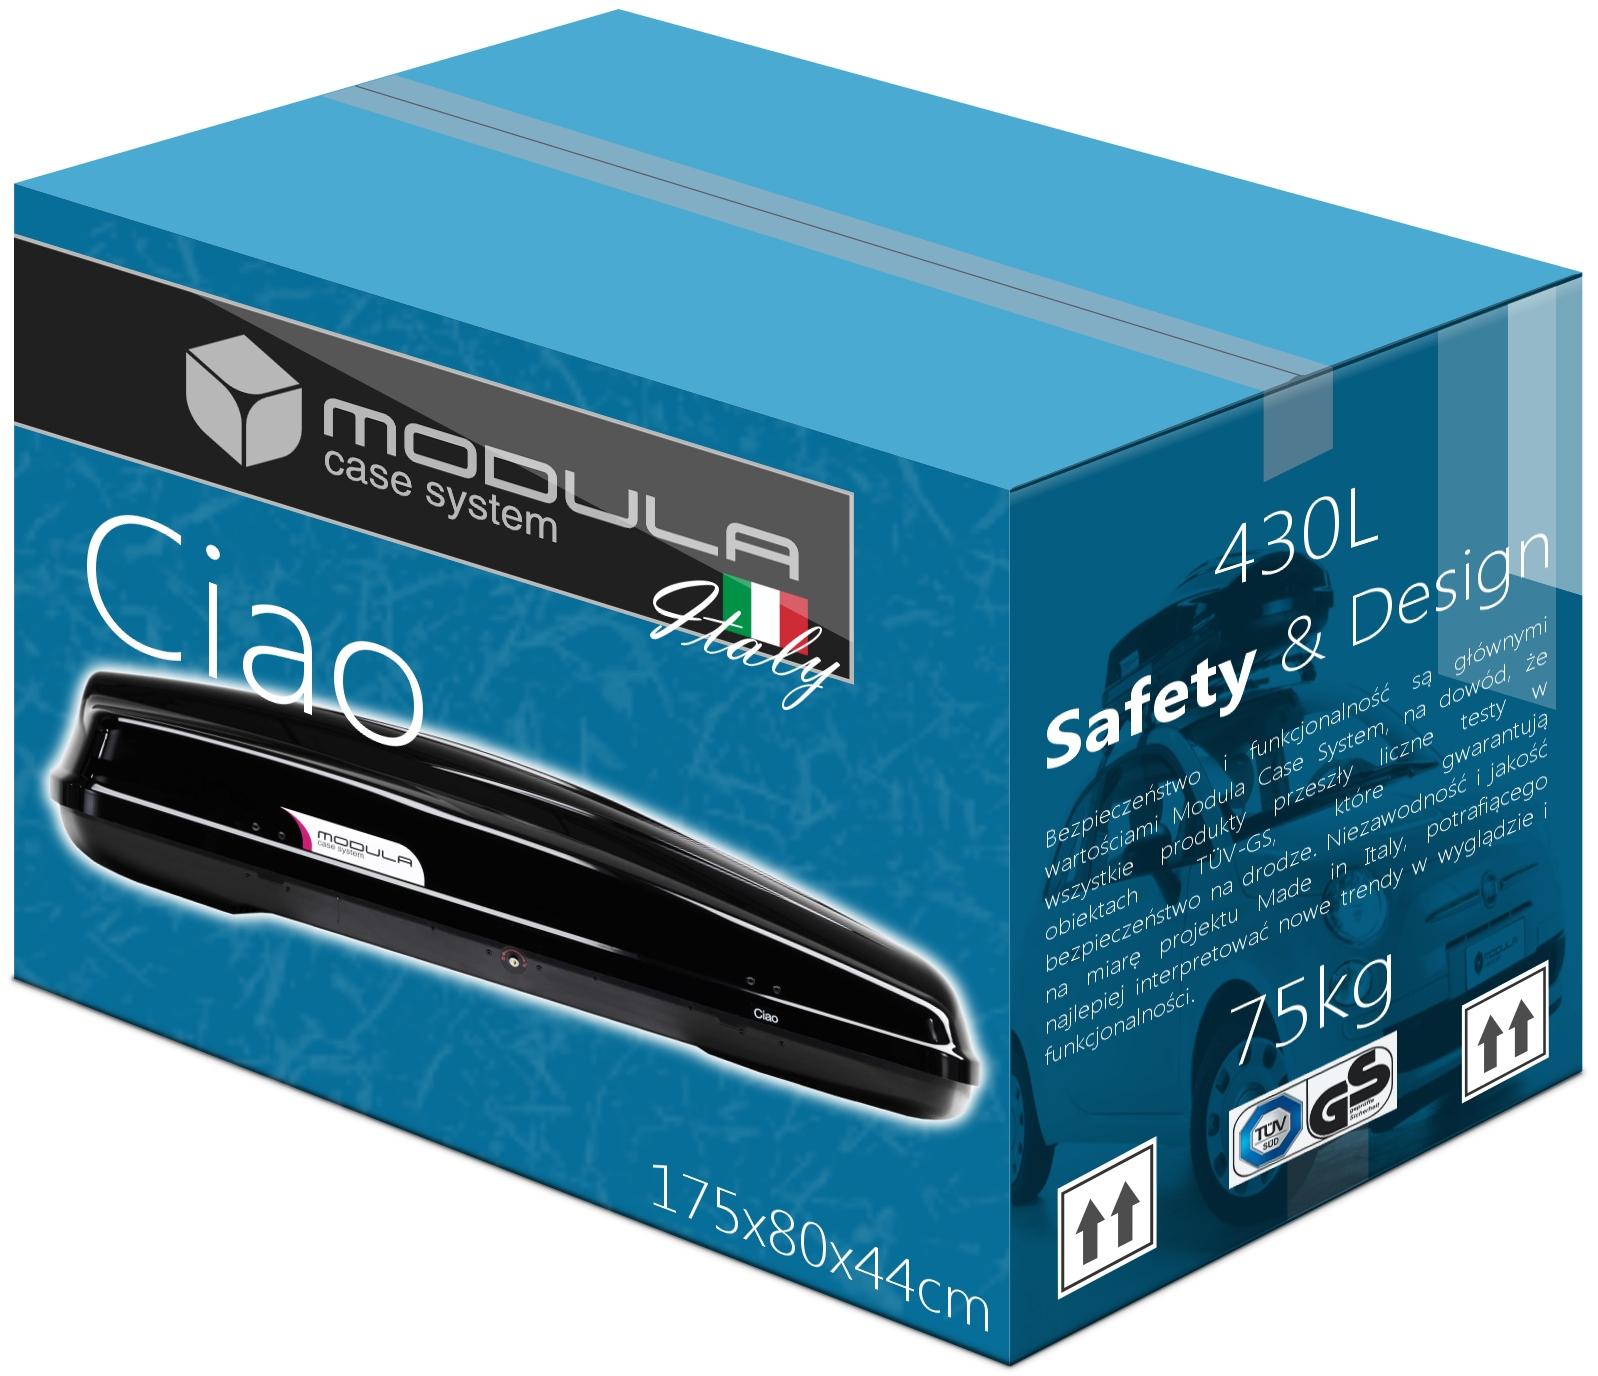 Bagażnik BOX Dachowy MODULA CIAO 430L 175x80x44cm